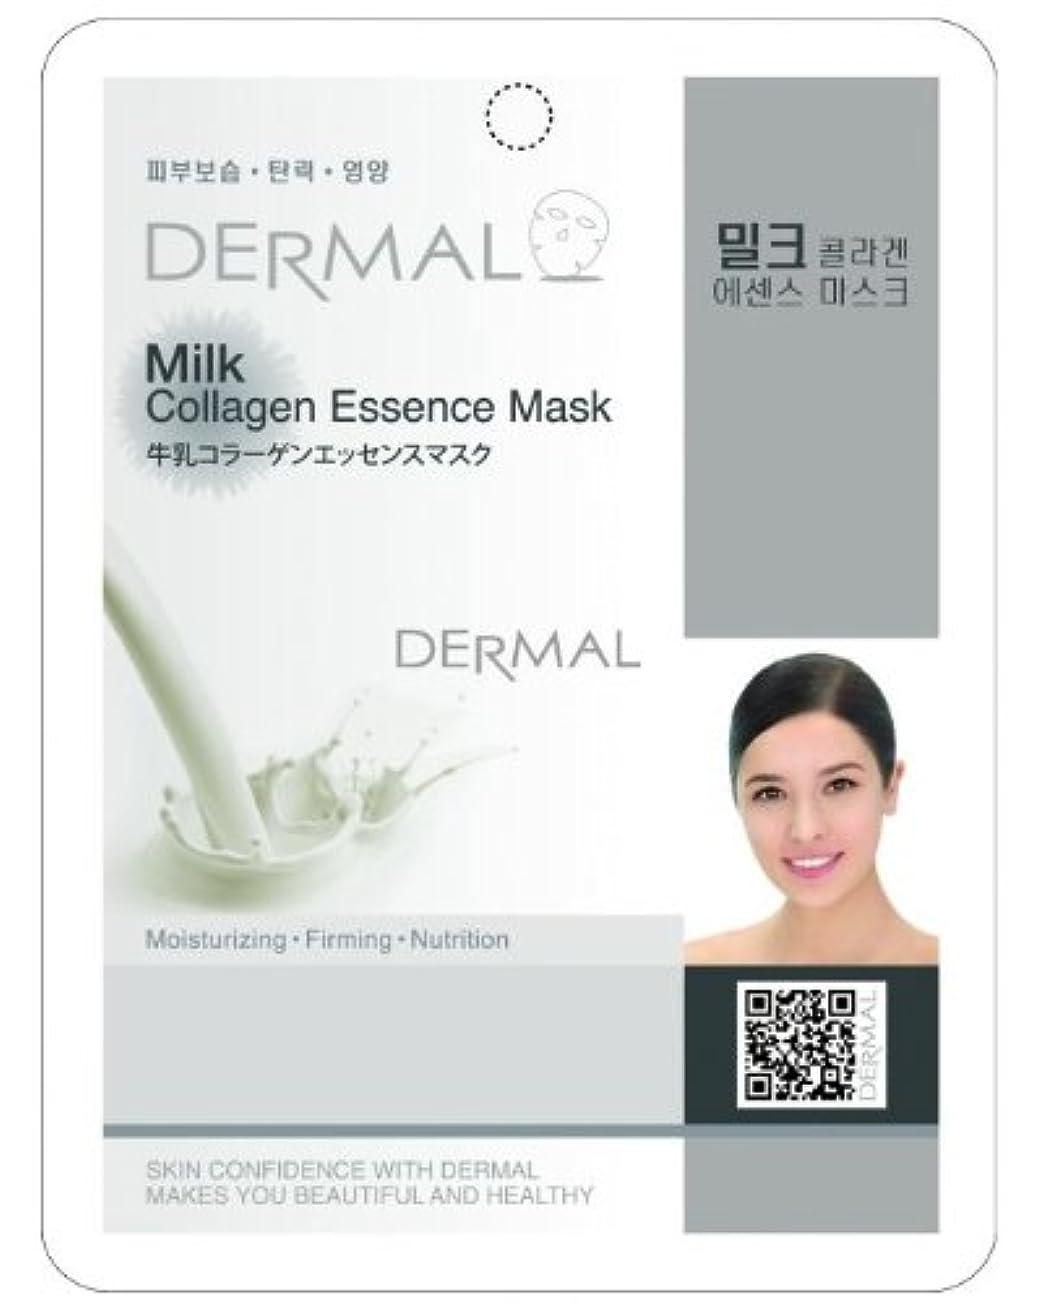 紳士変装キロメートルミルクシートマスク(フェイスパック) 100枚セット ダーマル(Dermal)